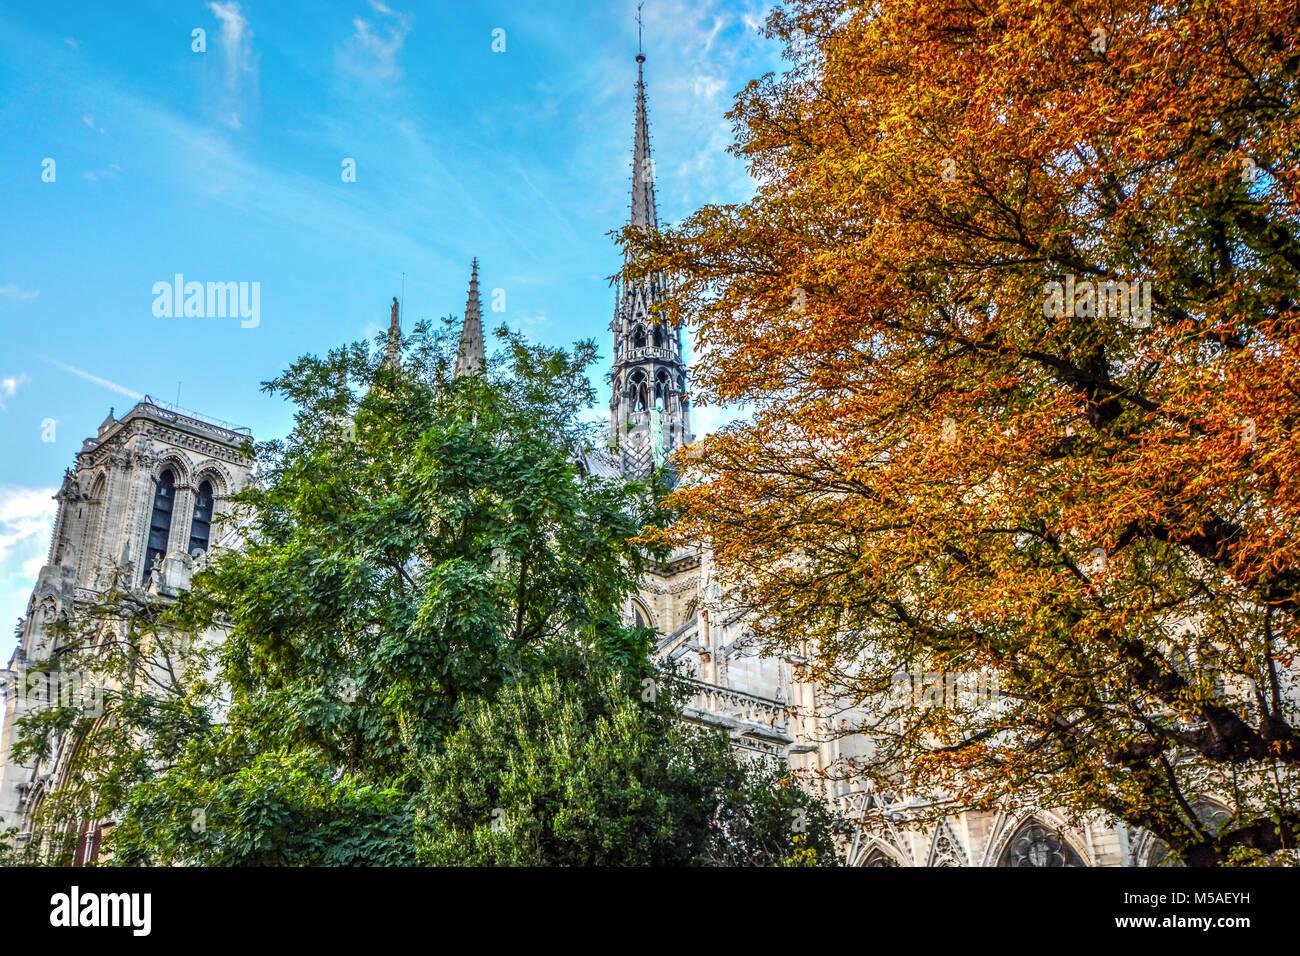 Die Kathedrale Notre Dame mit den Aposteln des hl. Lukas klettern die gotische Turmspitze an einem sonnigen Herbsttag Stockfoto